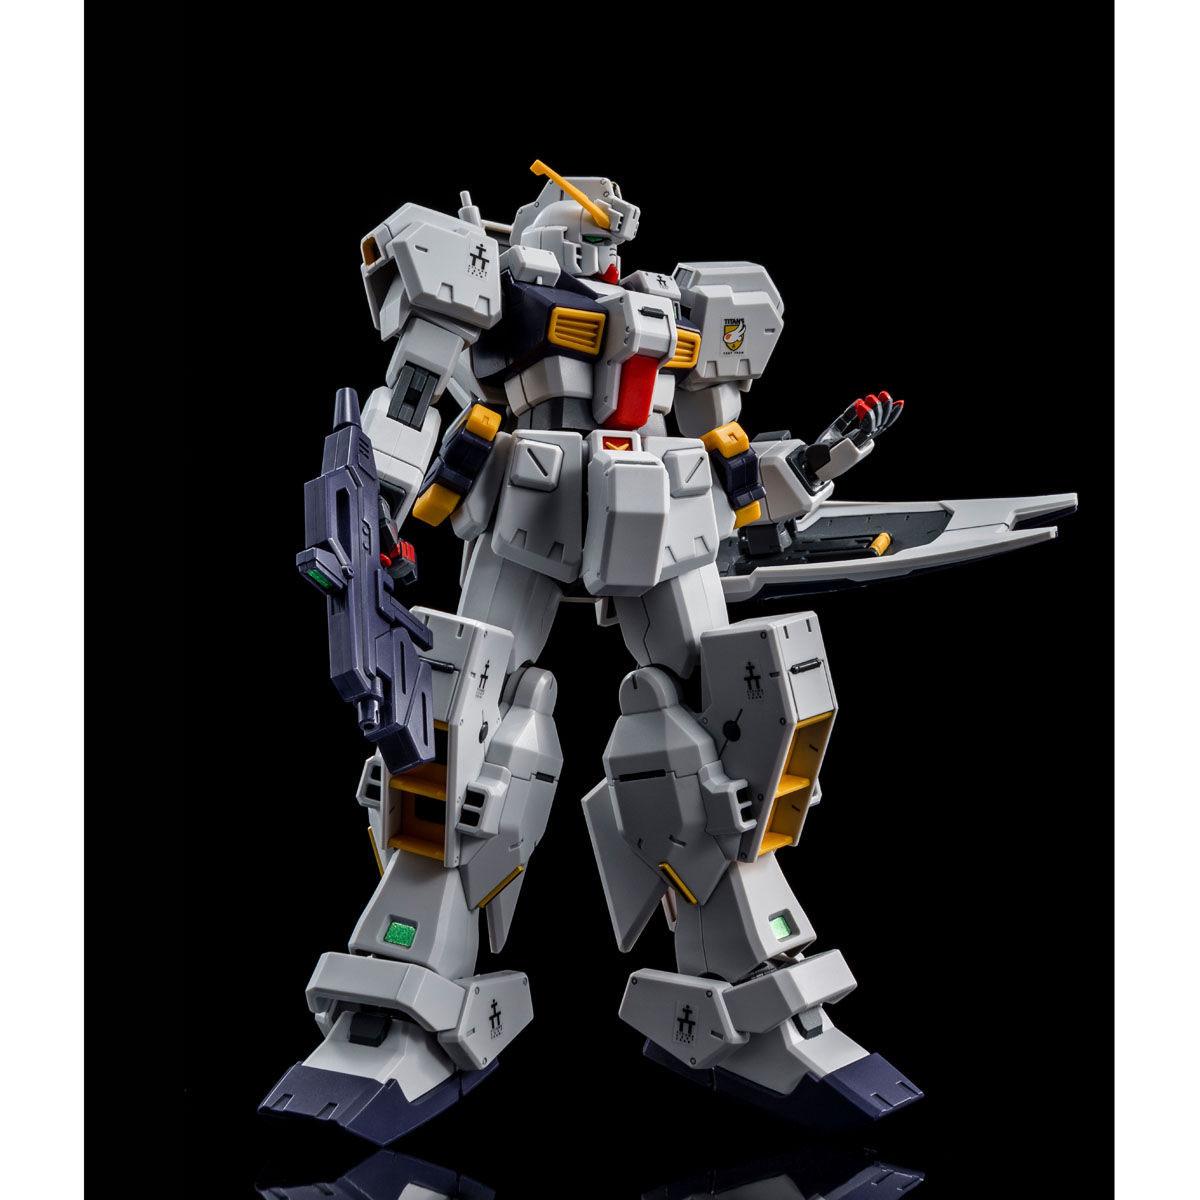 HG 1/144『ガンダムTR-1[ヘイズル改]&ガンダムTR-6用拡張パーツ』プラモデル-005